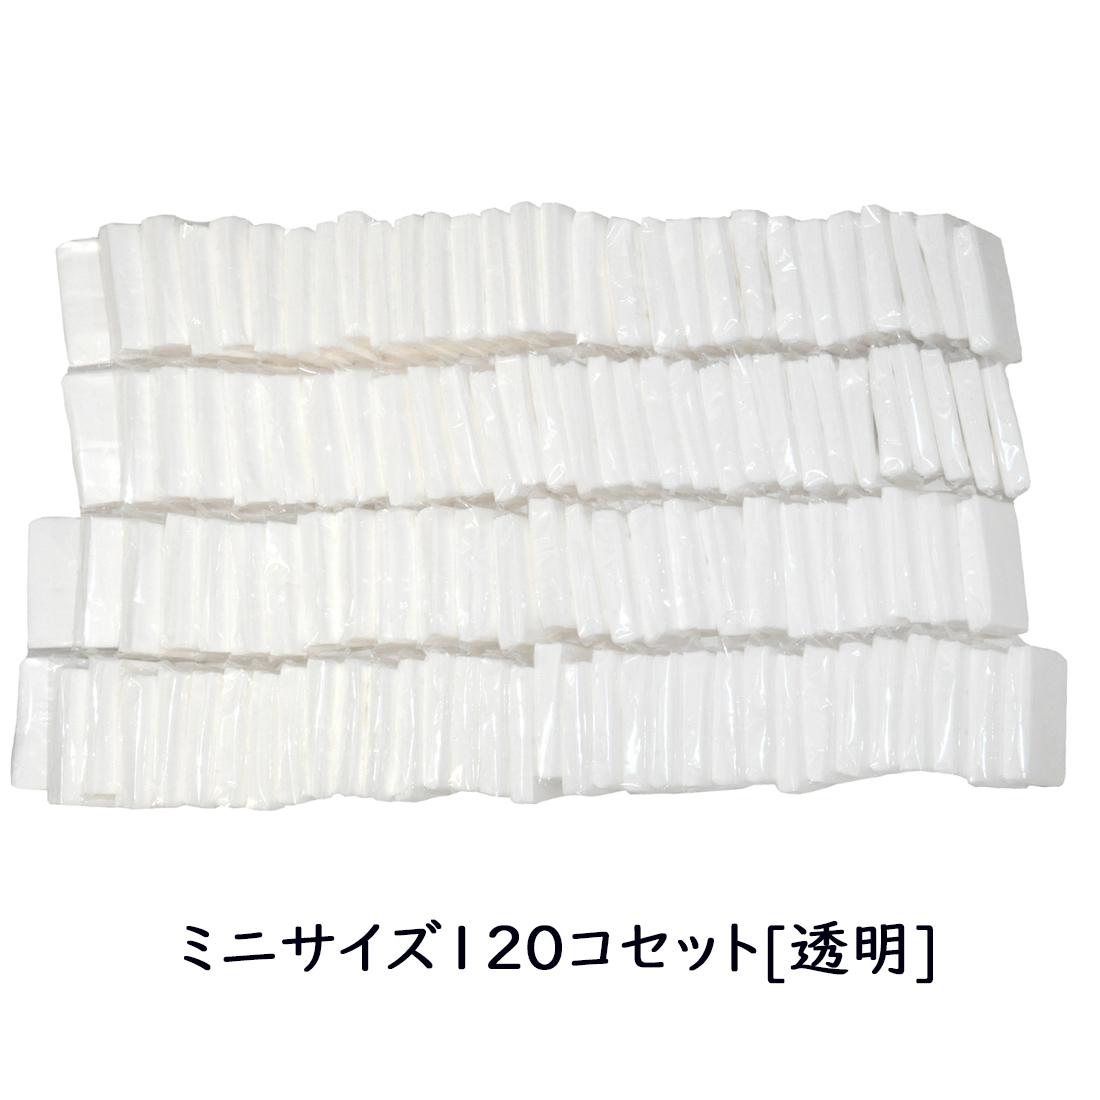 日本製 柄無し無地 ふんわりやわらかポケットティッシュ120コセット【透明/紺】【ミニサイズ/レギュラーサイズ】